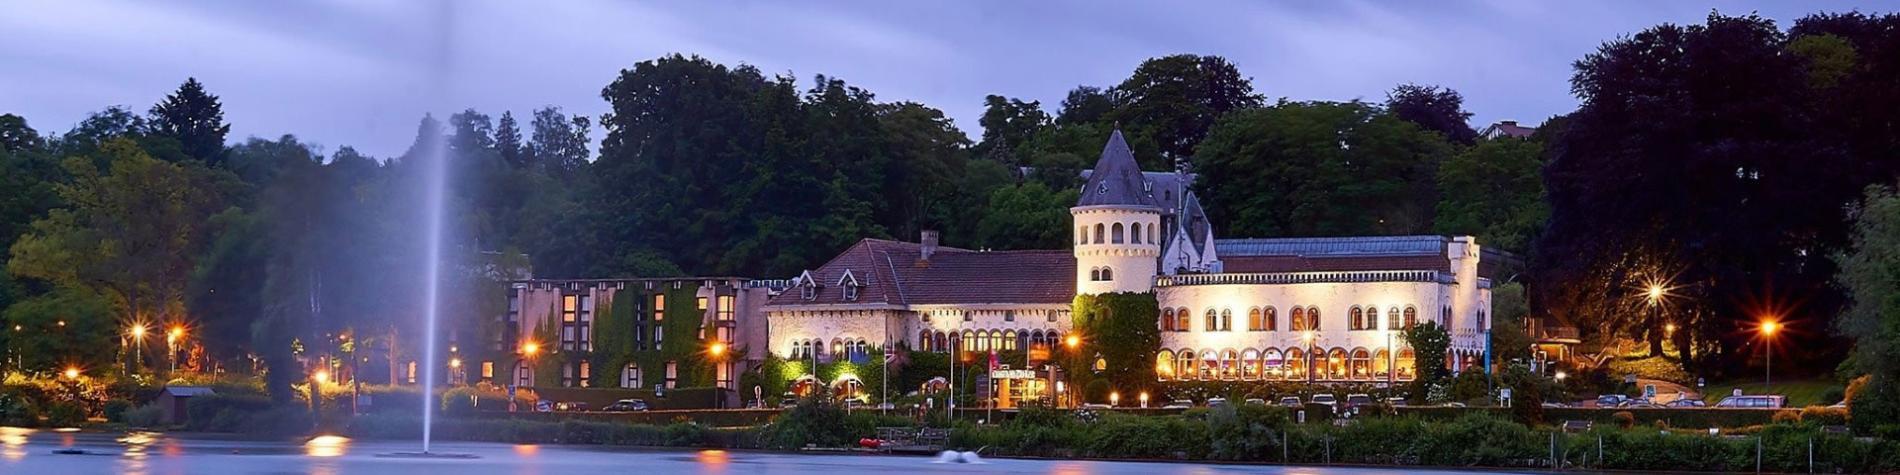 Martin's Hotel - Château - Lac - Genval